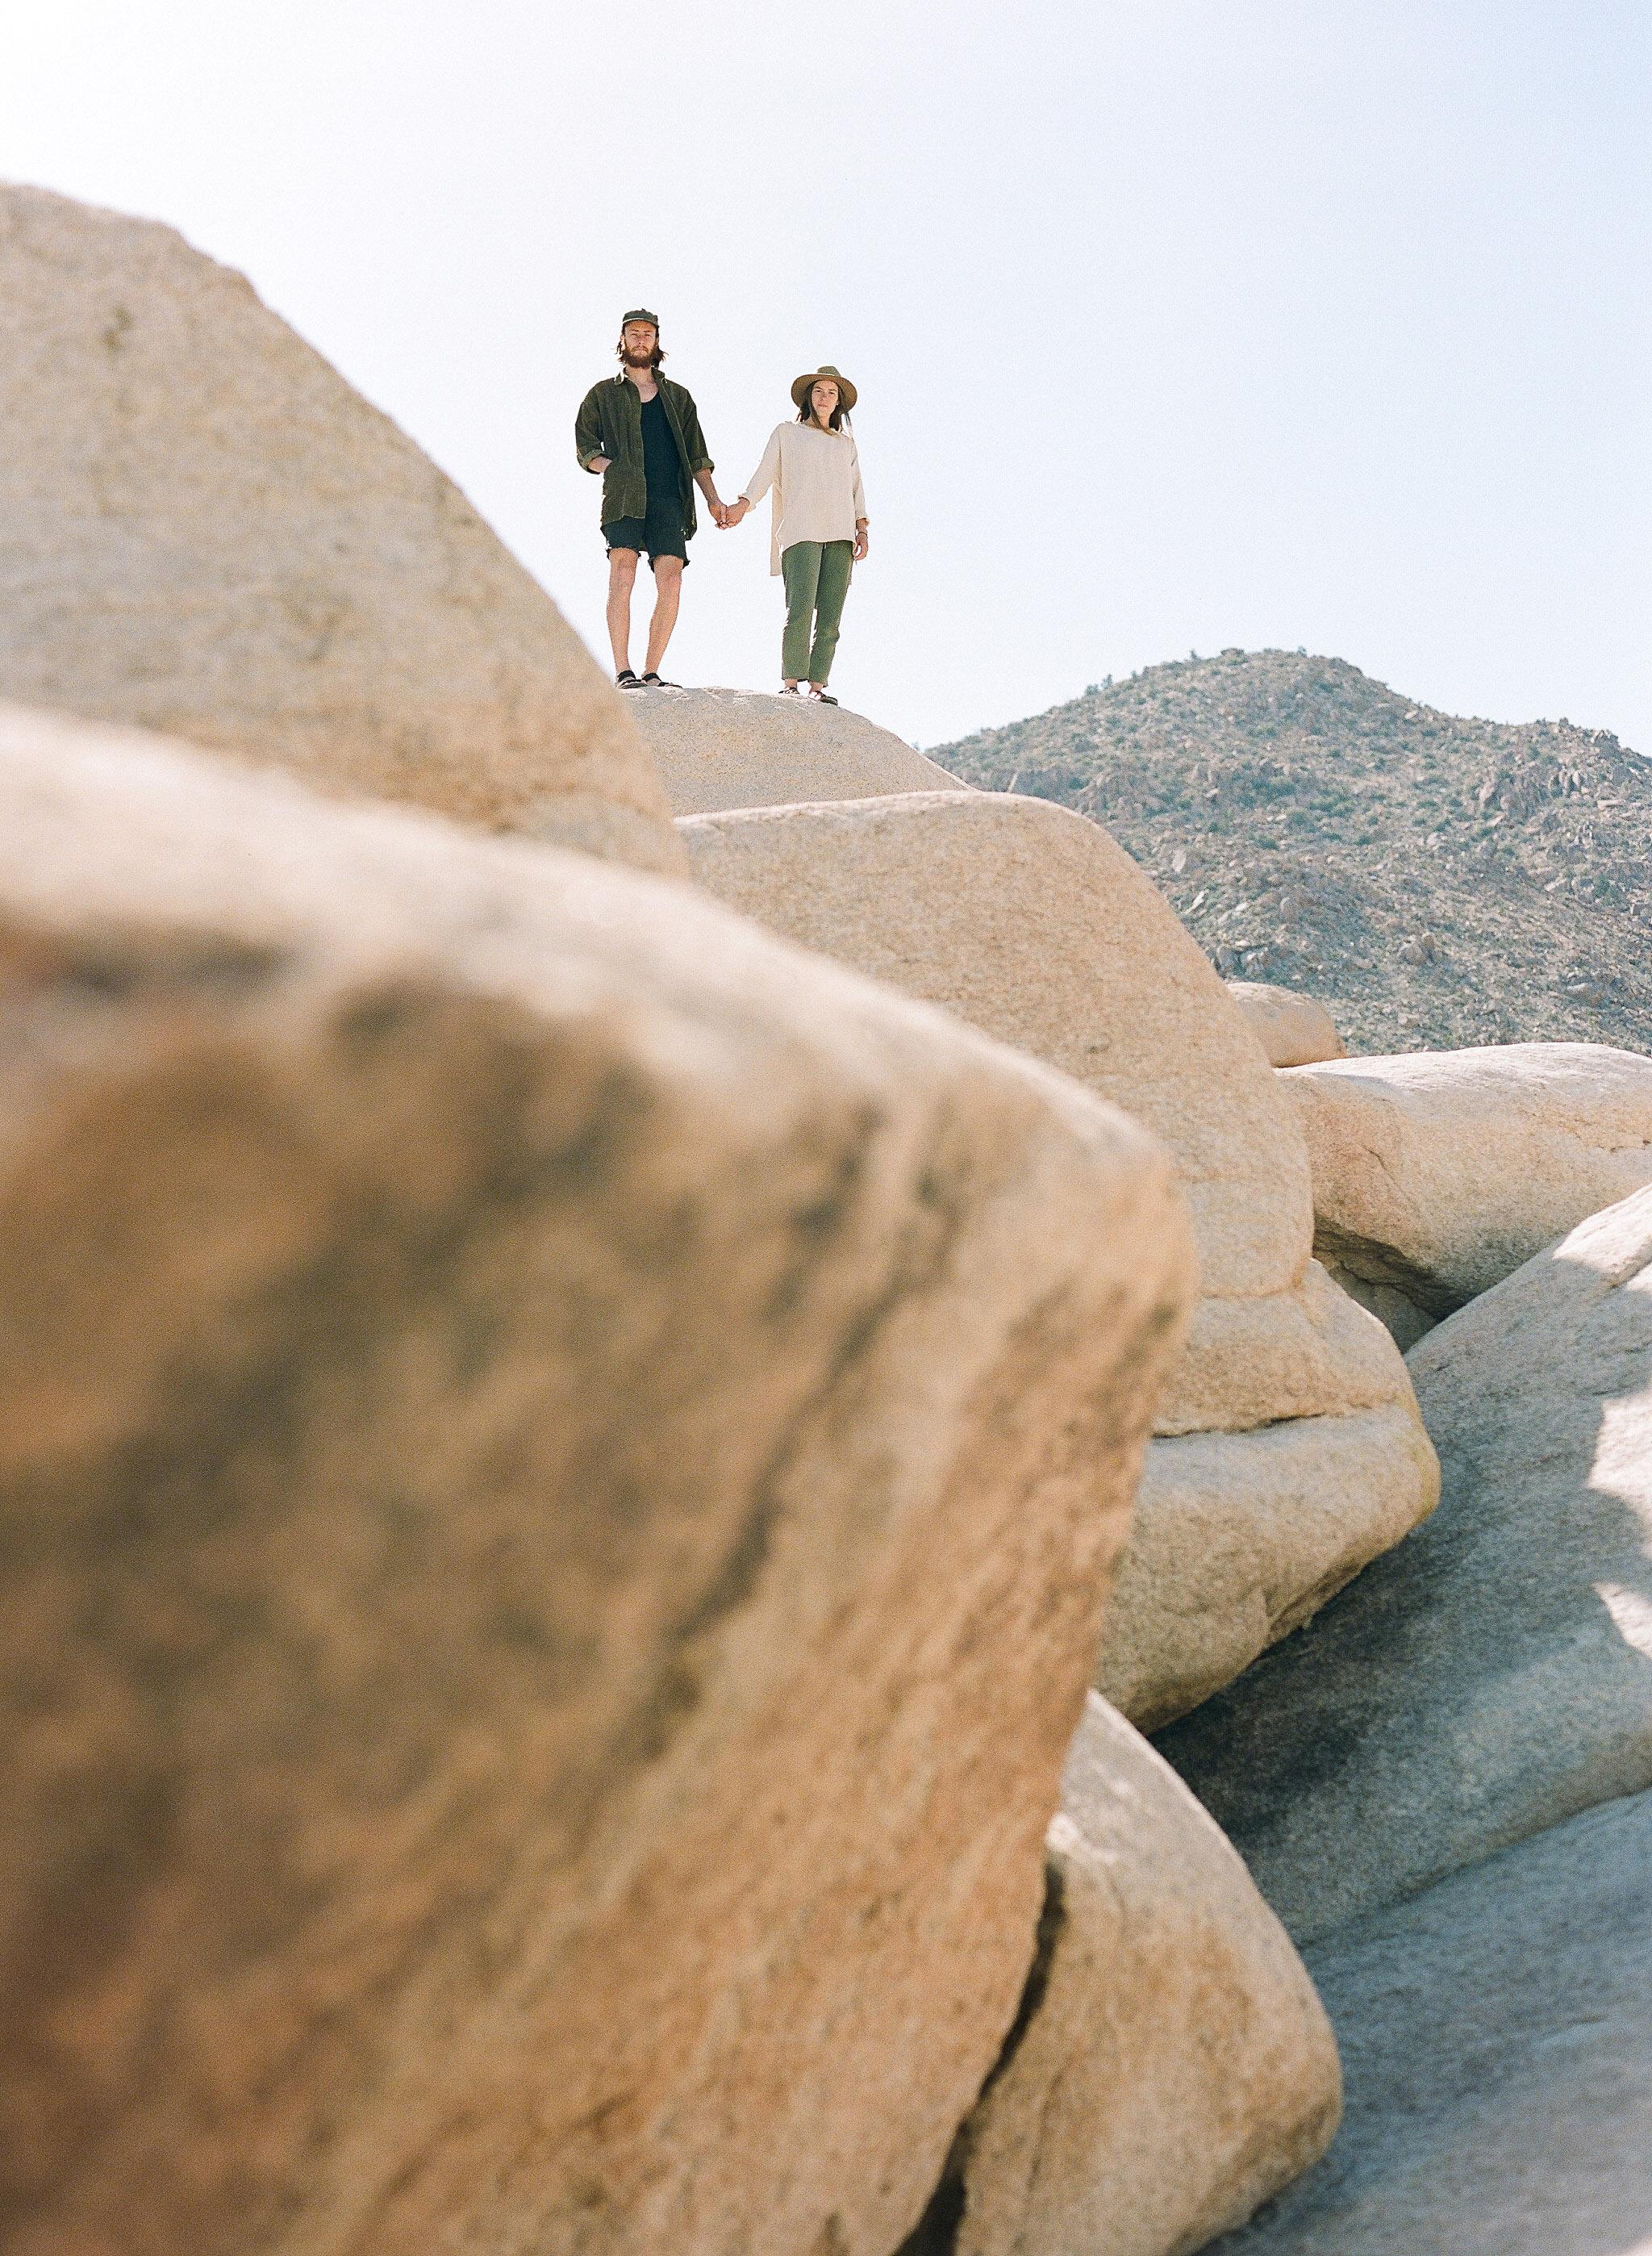 destination engagement couple dessert rock formations